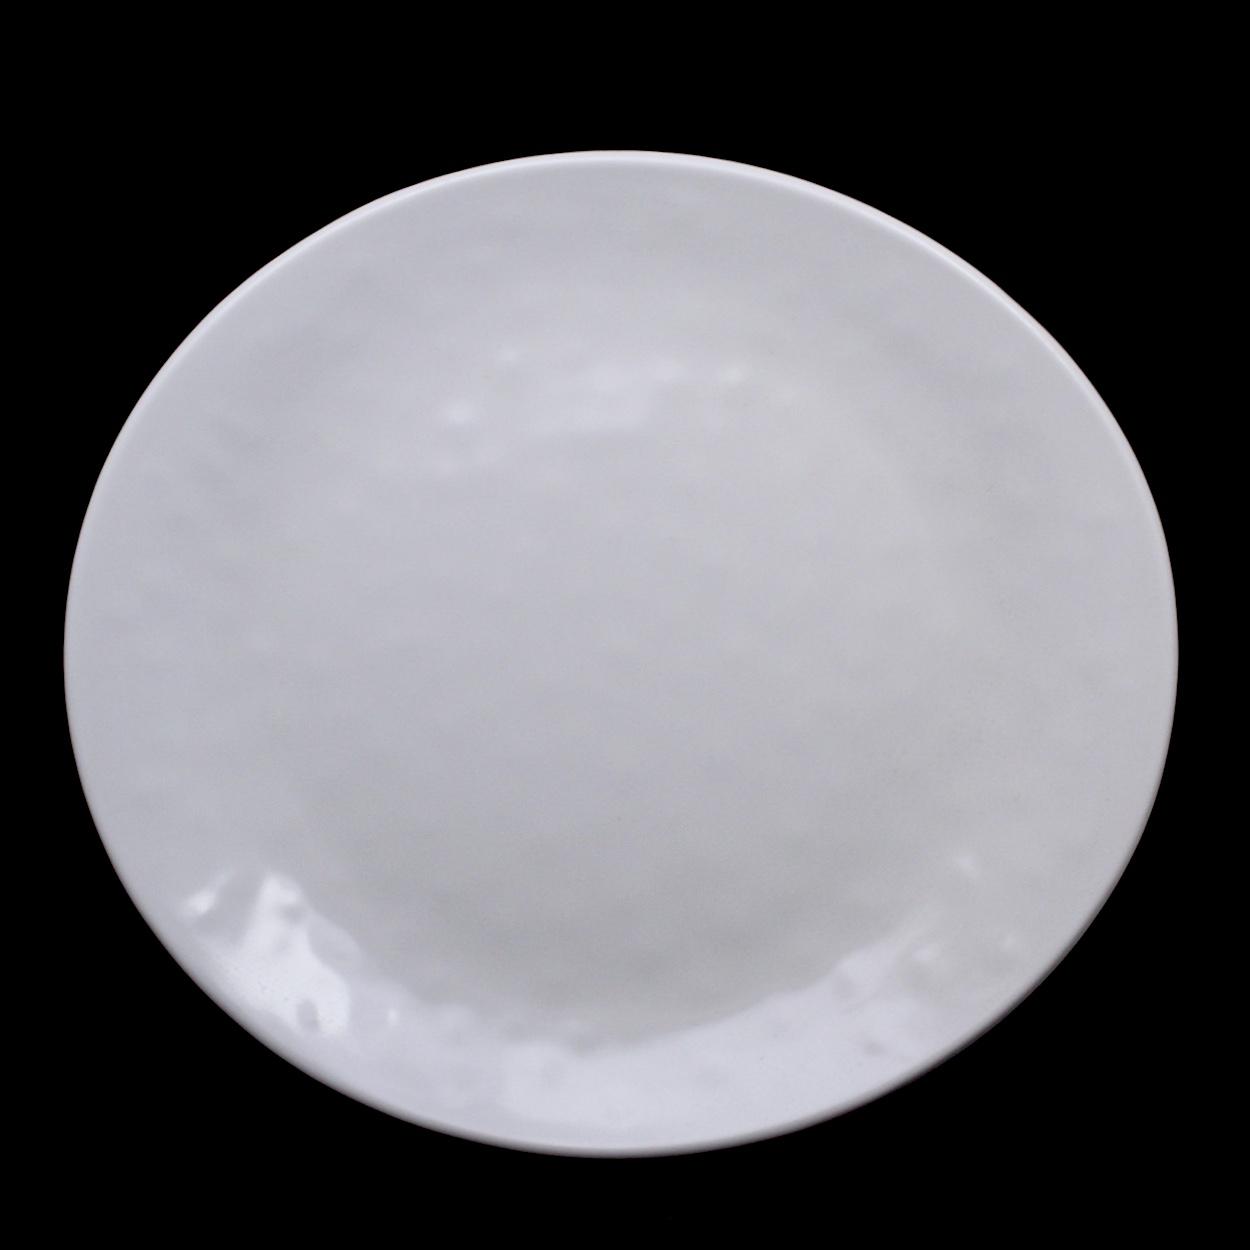 MELAMINE MW 193 PRATO OVAL 24 X 21.5cm